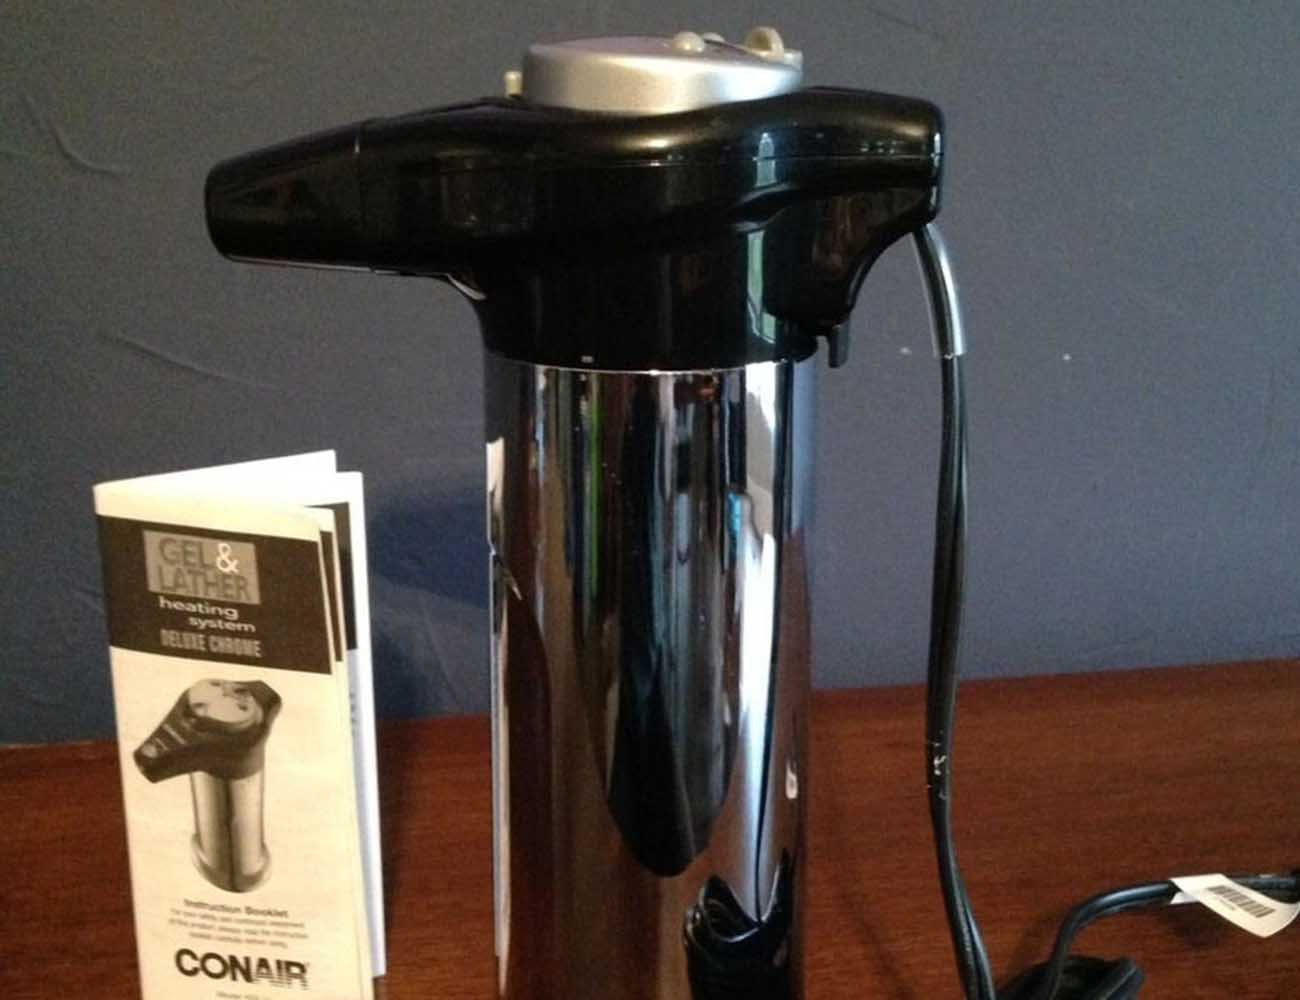 Heated Shaving Cream Dispenser